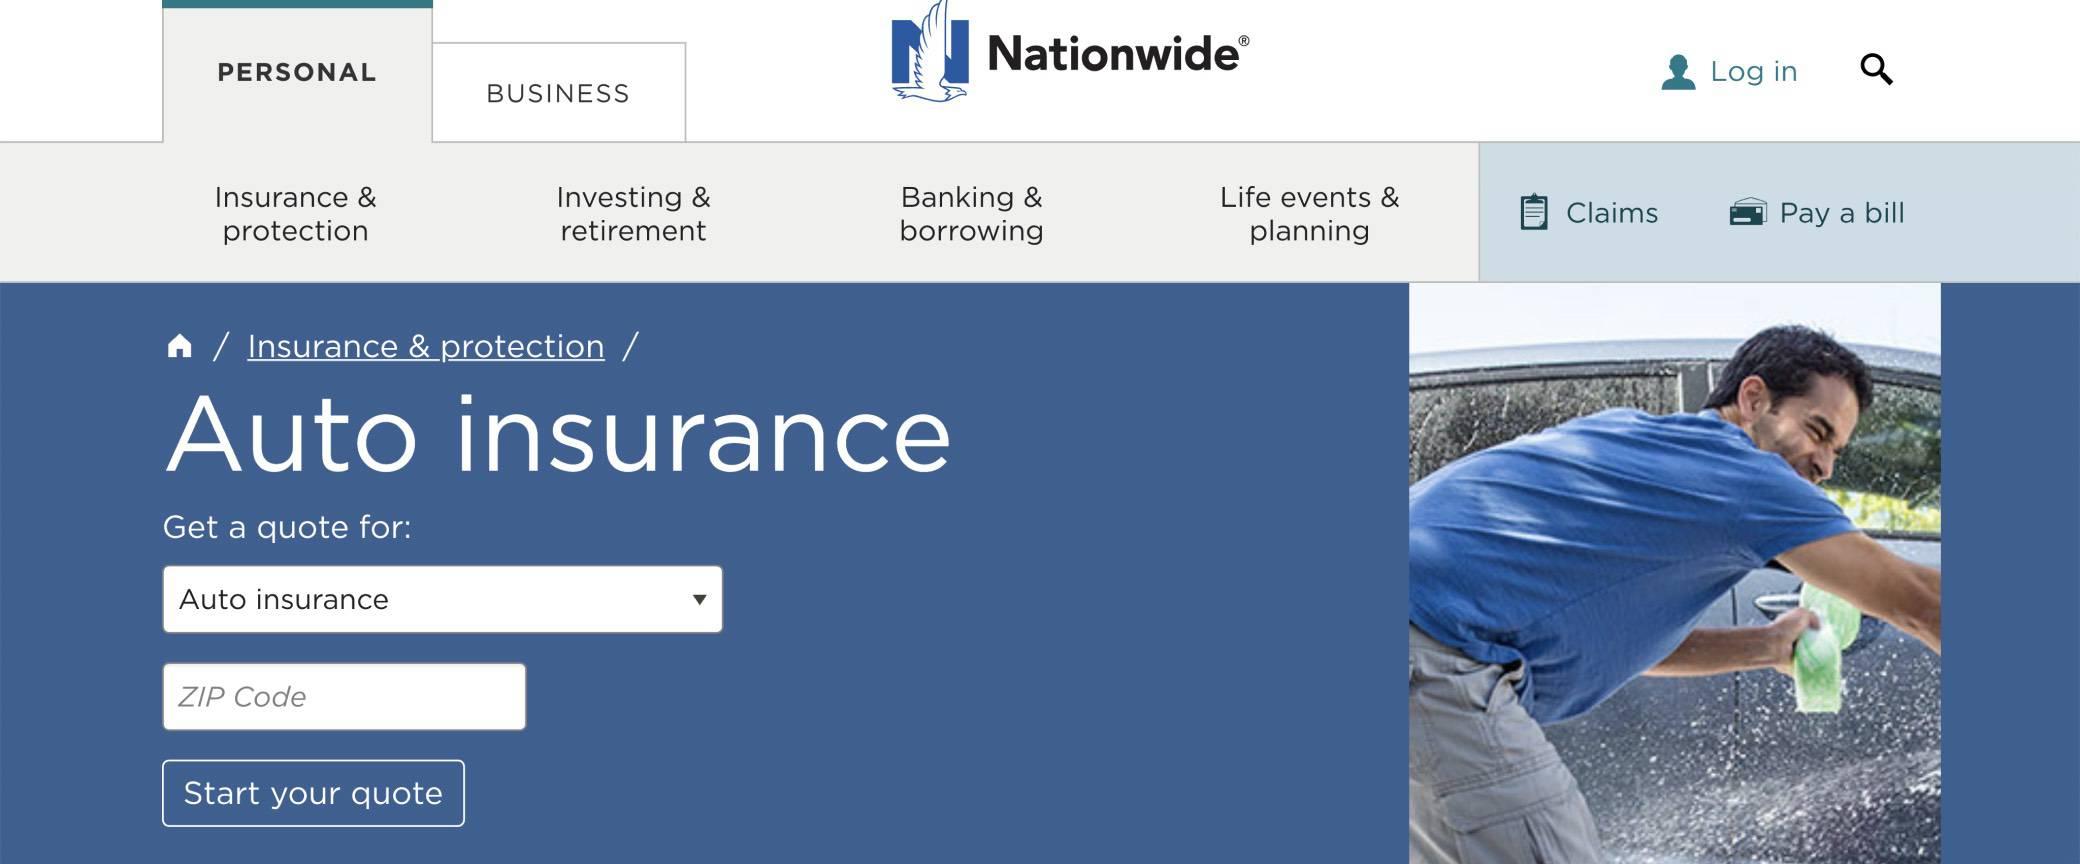 nationwide image